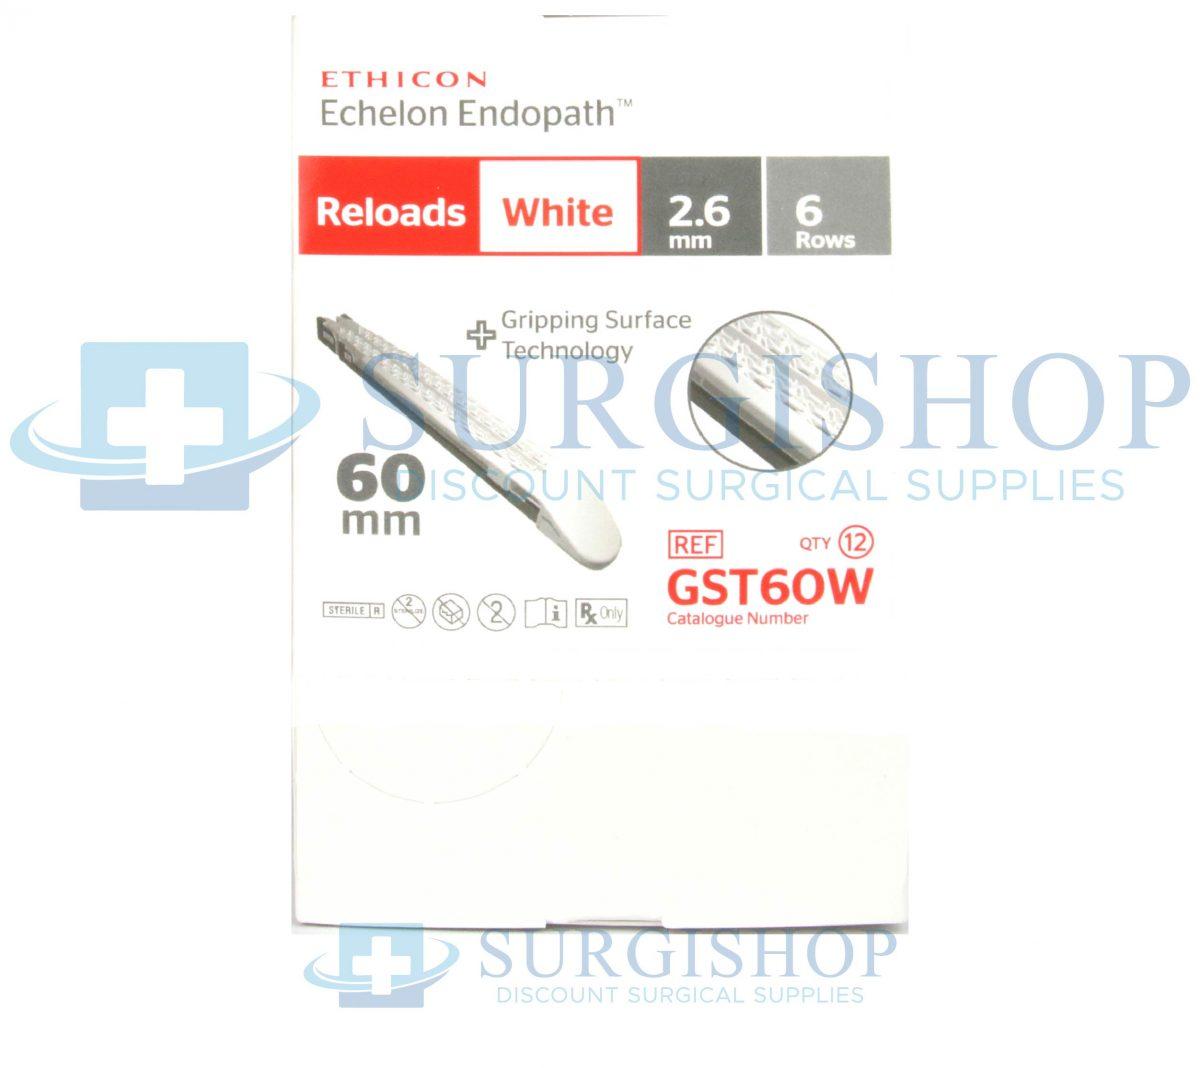 Ethicon Echelon Flex GST System Reload (White) 60.0mm x 2.6mm